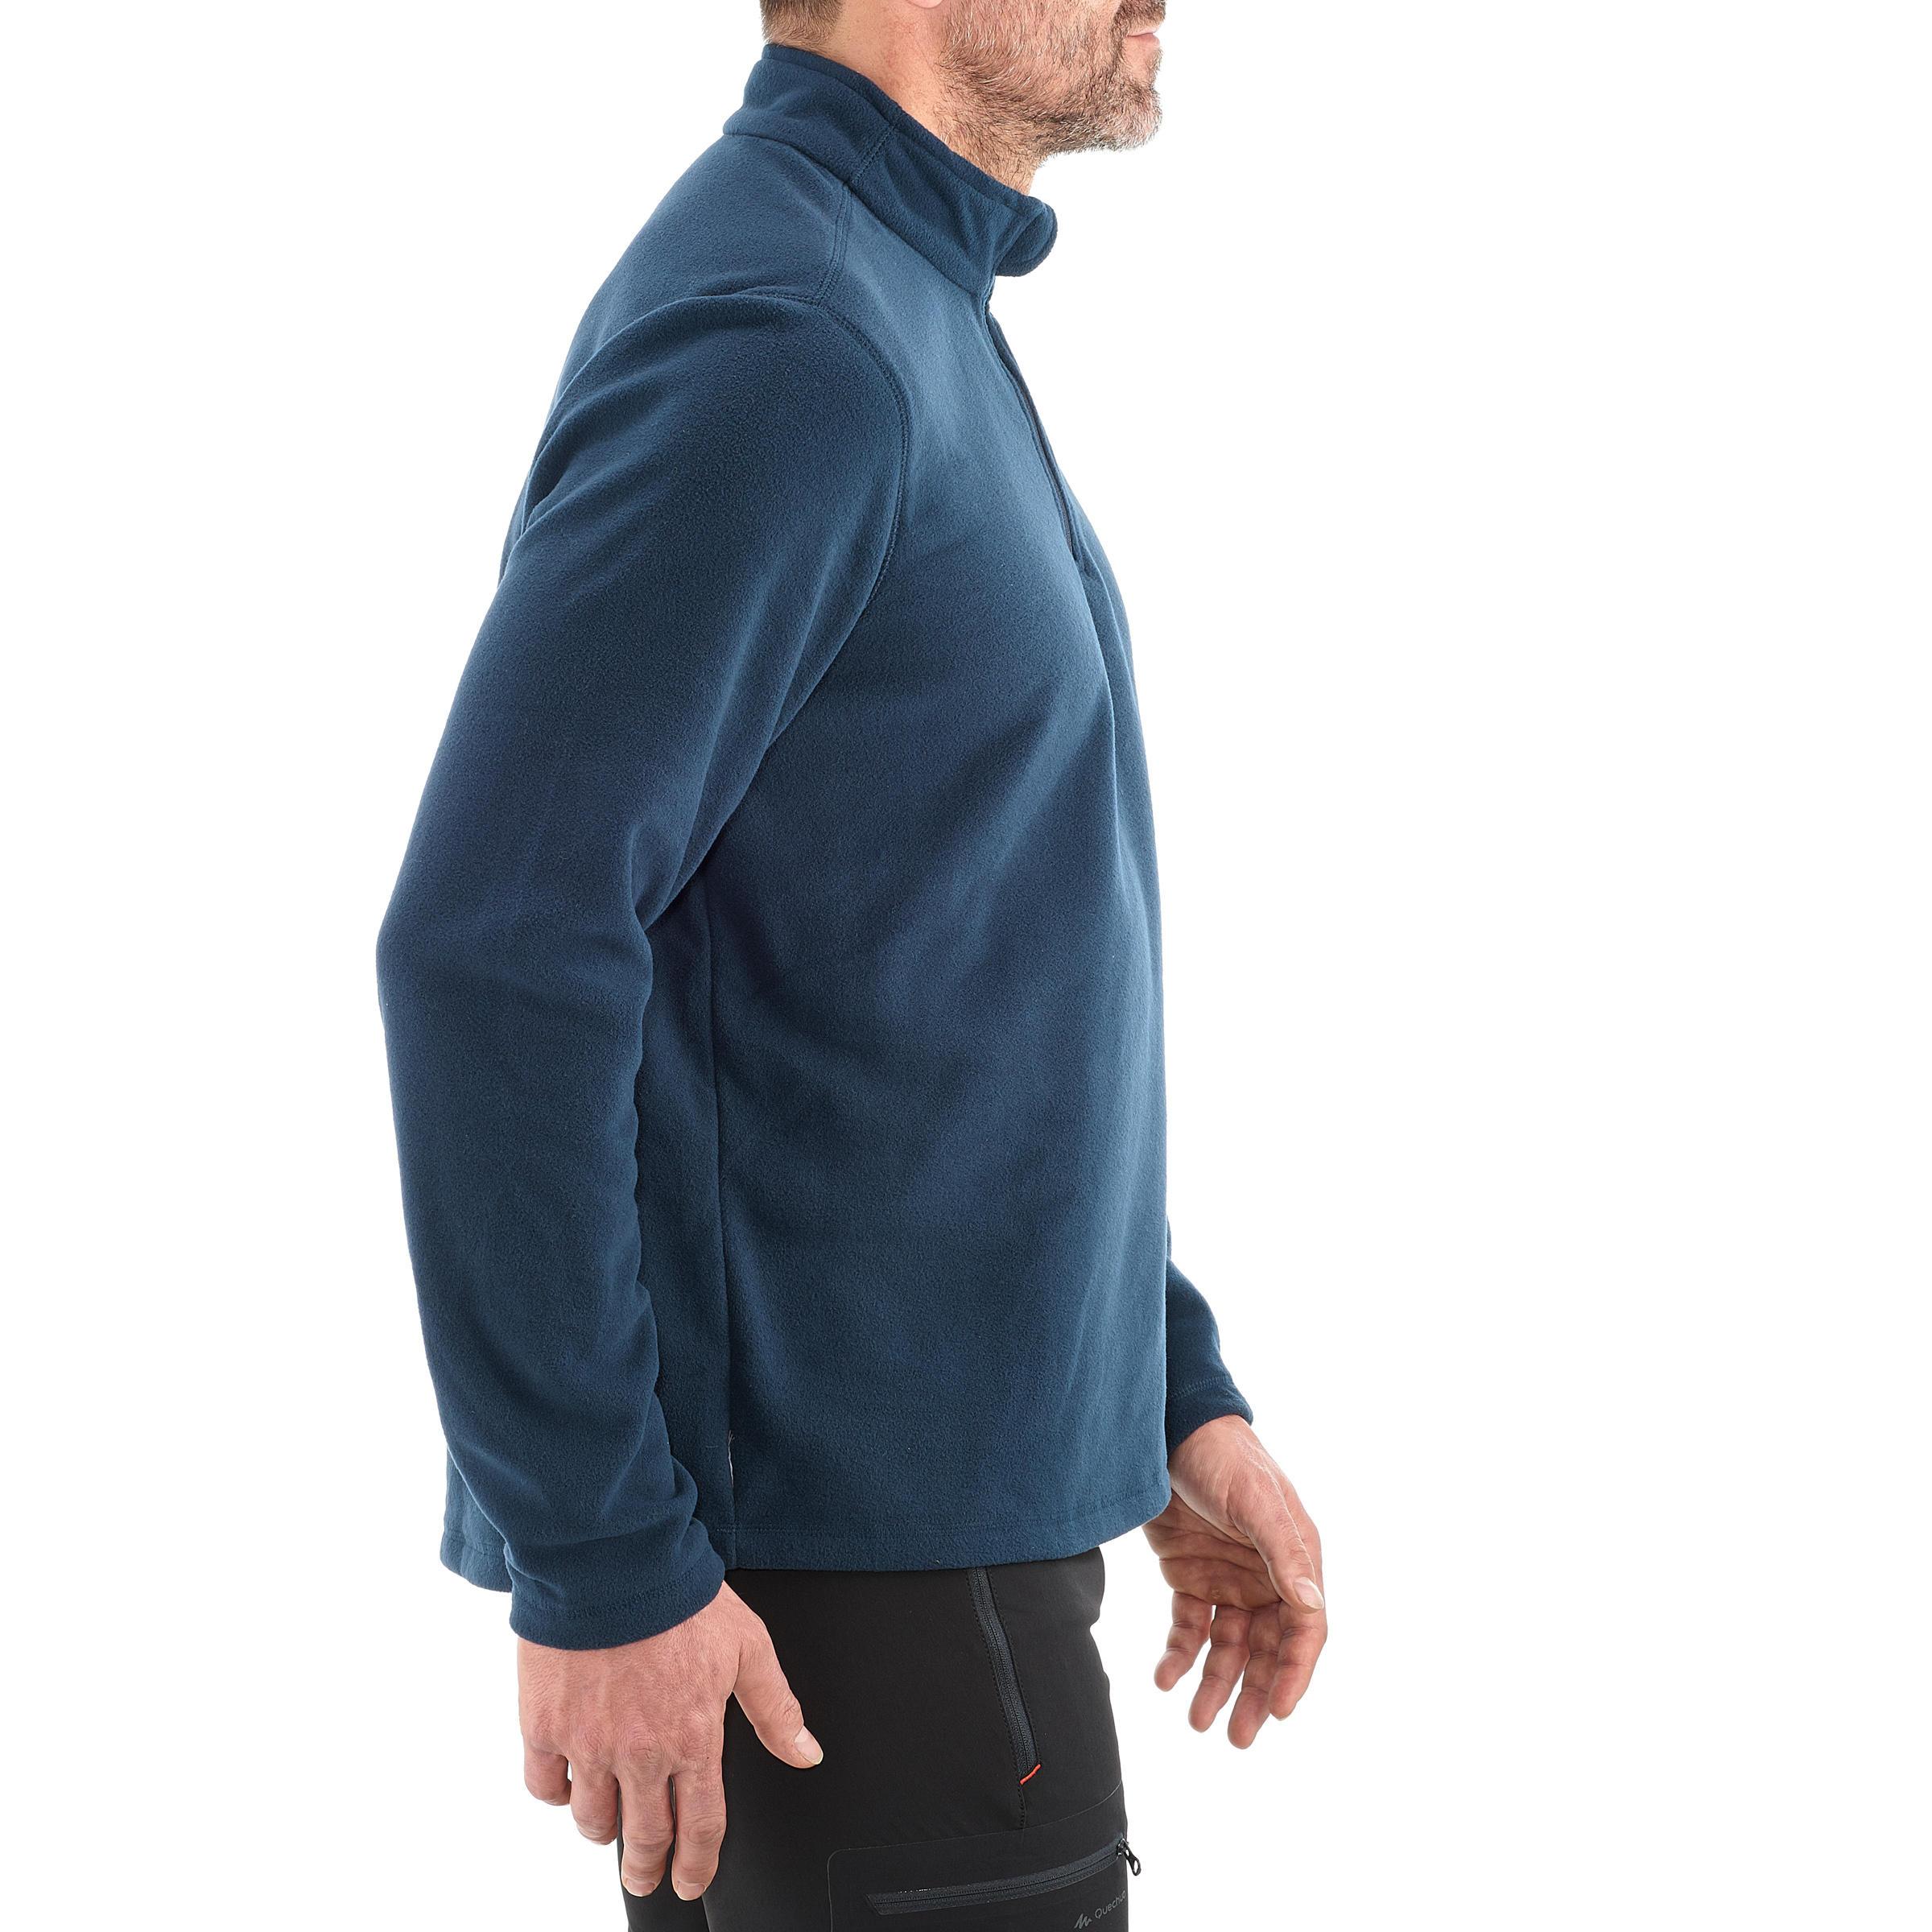 venta directa de fábrica captura variedad de diseños y colores Sudadera polar campamento caballero Forclaz 50 azul marino